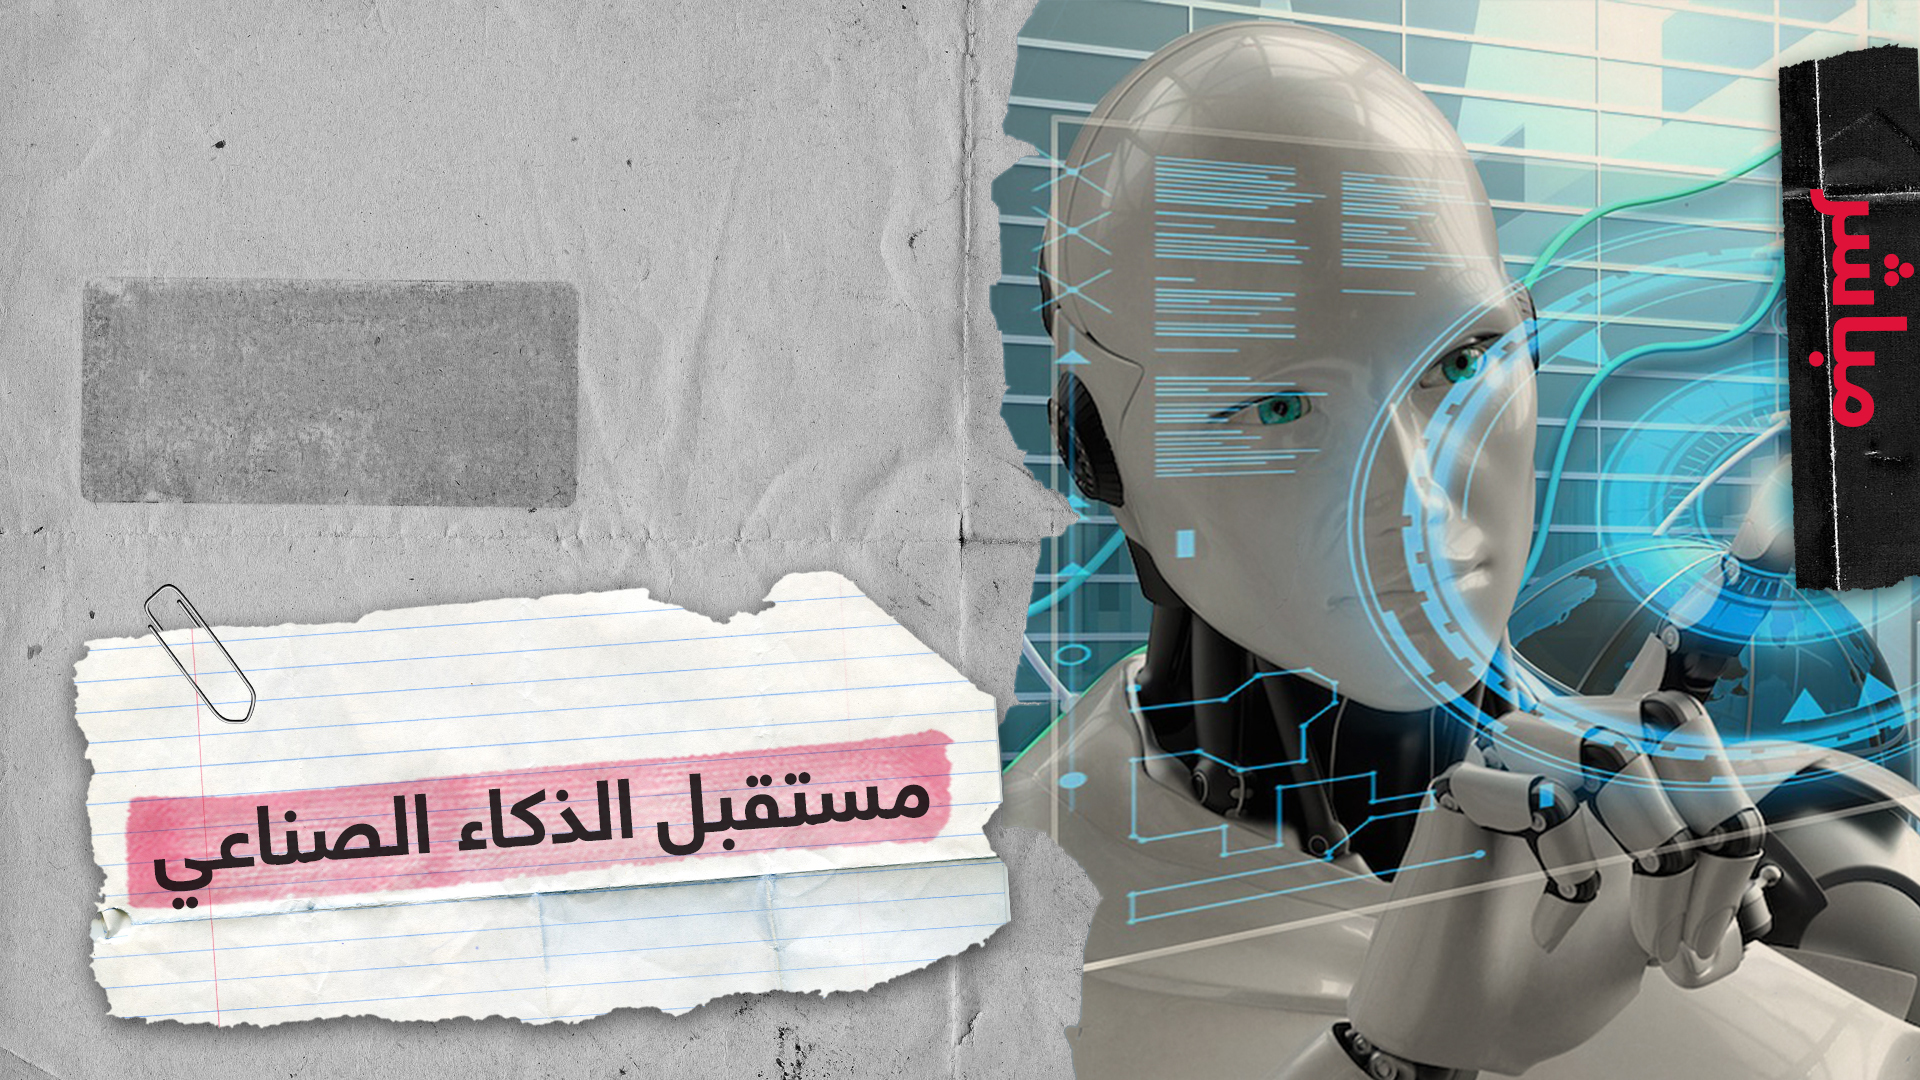 ما هو مستقبل الذكاء الصناعي؟ وهل يمكنه أن يساعد في إيجاد علاج لكورونا؟